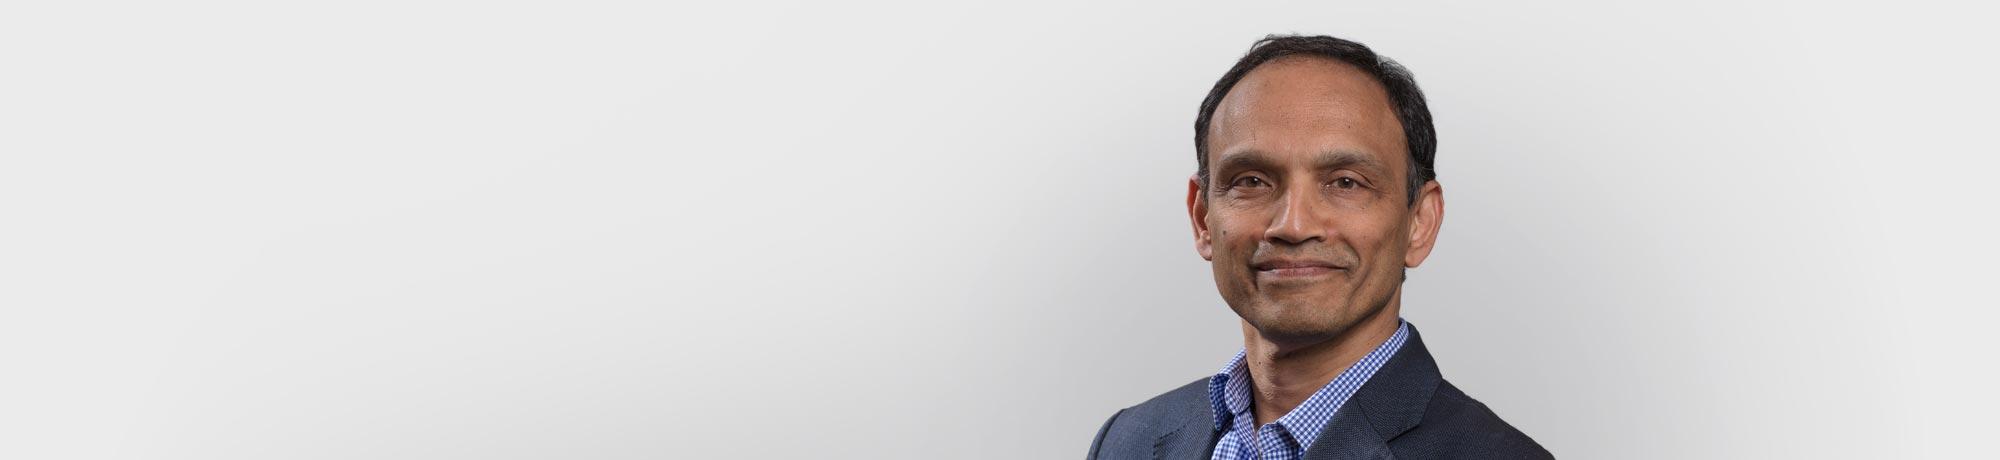 Dr Ravi Kumar - Paediatrics |Consultant Paediatrician| Spire Dunedin